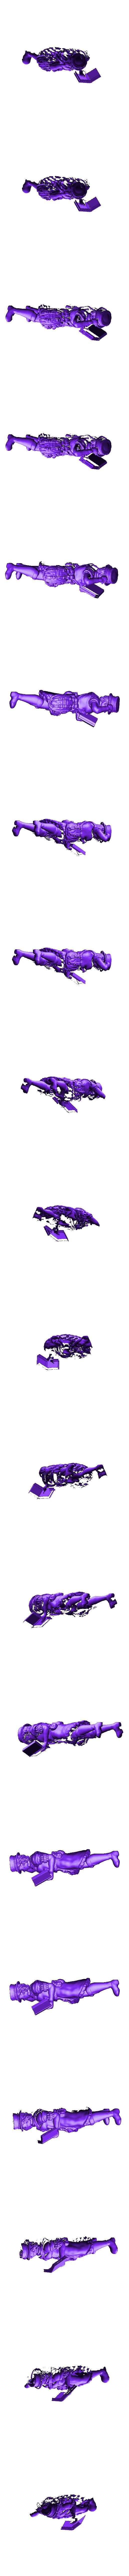 Steampunk_Sorceress2.stl Télécharger fichier STL gratuit Sorcière Steampunk • Plan imprimable en 3D, mrhers2